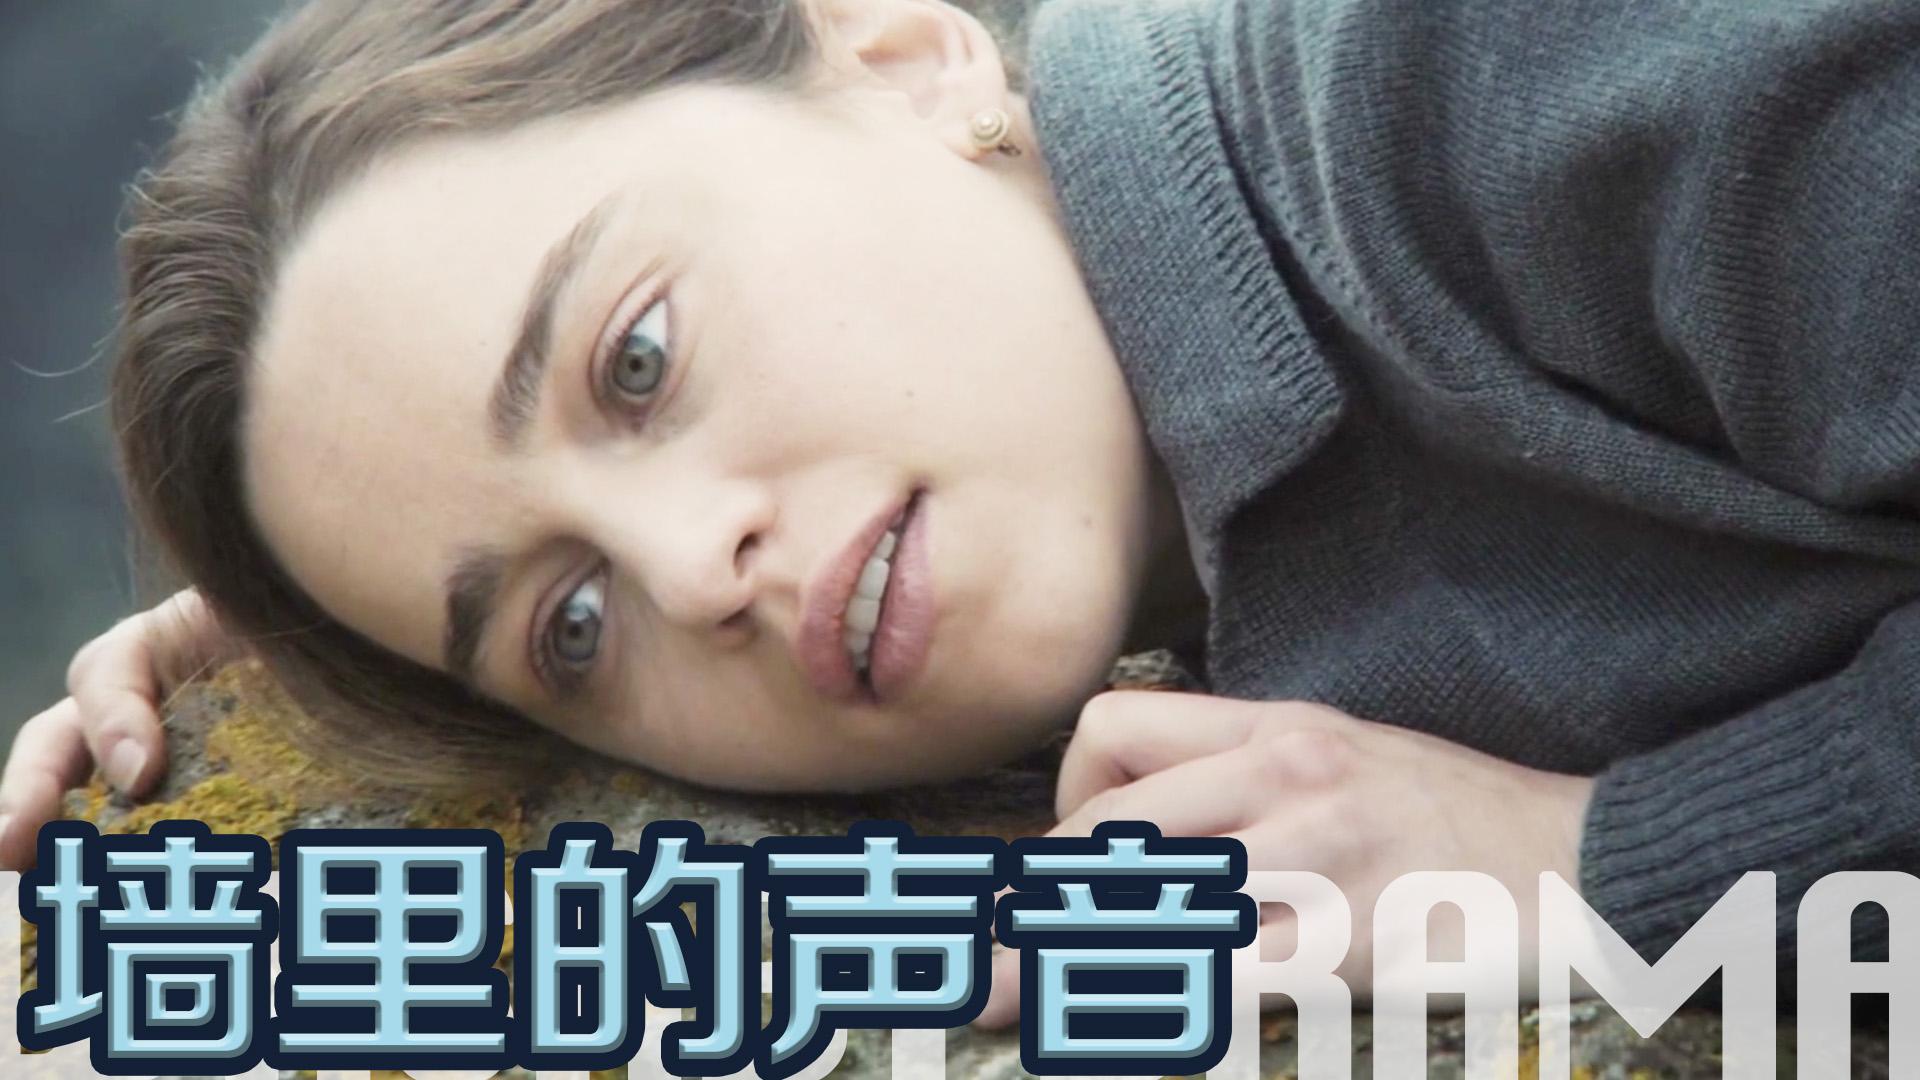 #惊悚看电影#乡村龙母演绎现实里的借尸还魂《墙里的声音》恐怖惊悚电影